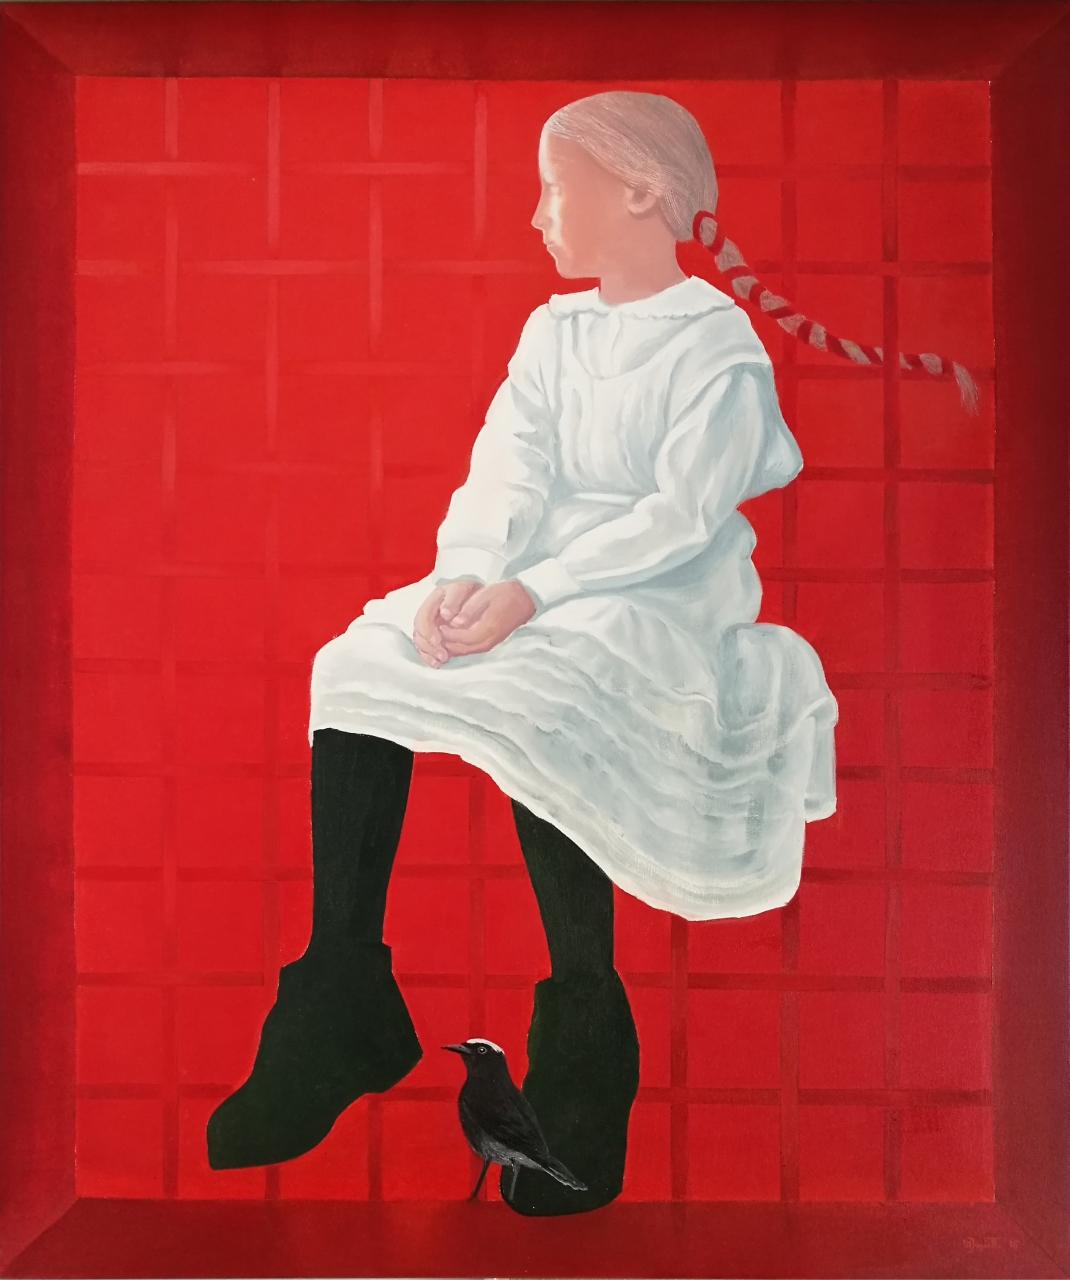 Małgorzata Jagiełło – Malarstwo. Wystawa jubileuszowa 05-10-20 - cof